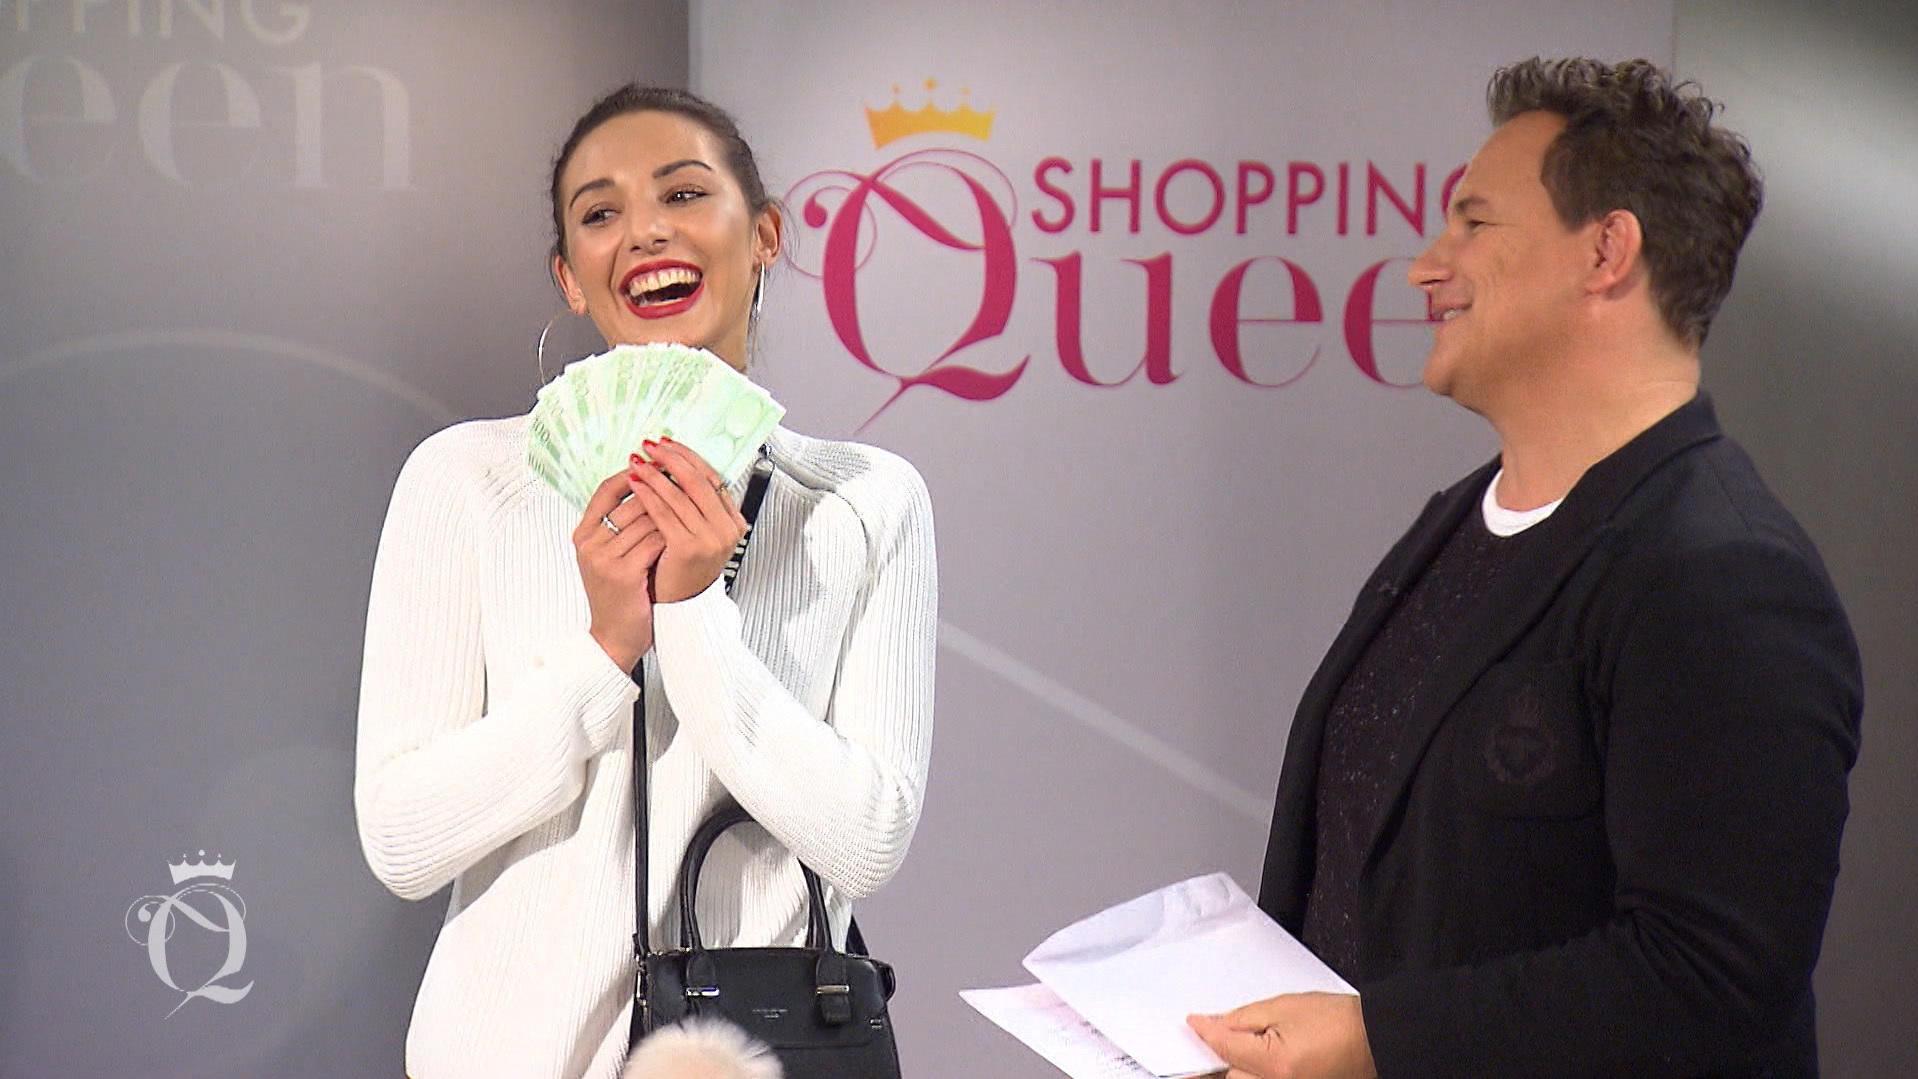 Lydia shopping queen